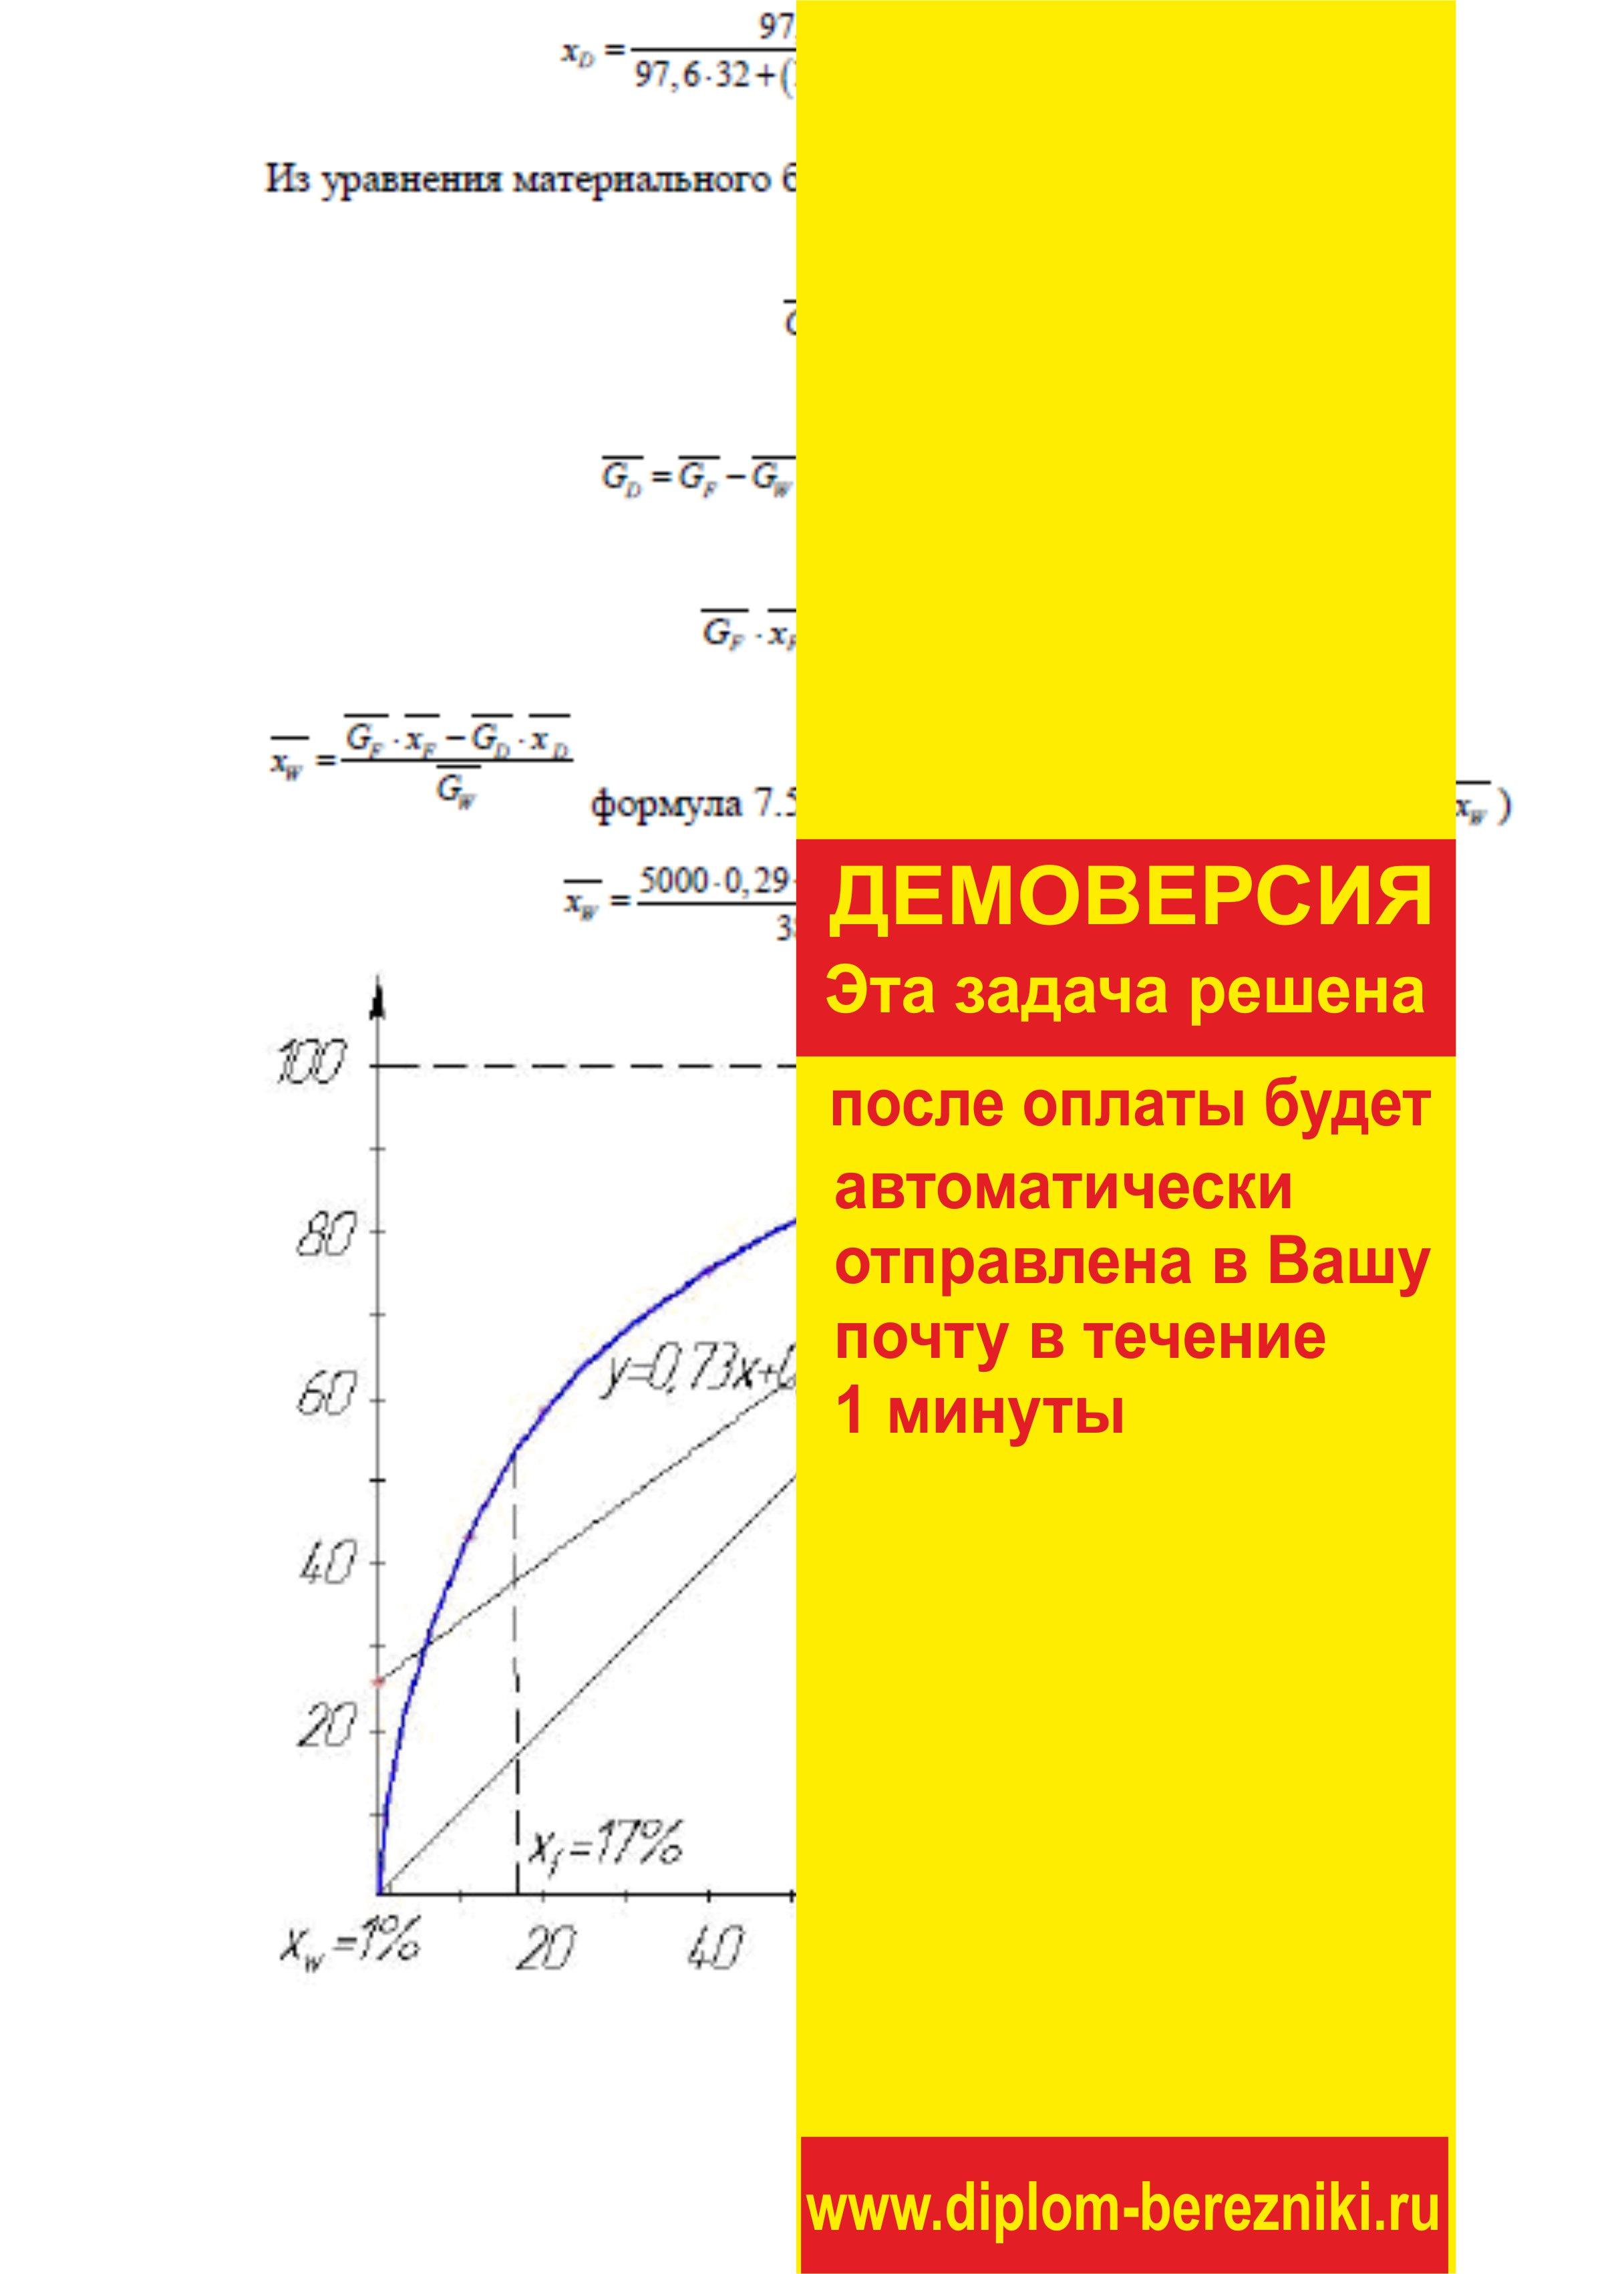 Решение задачи 7.20 по ПАХТ из задачника Павлова Романкова Носкова